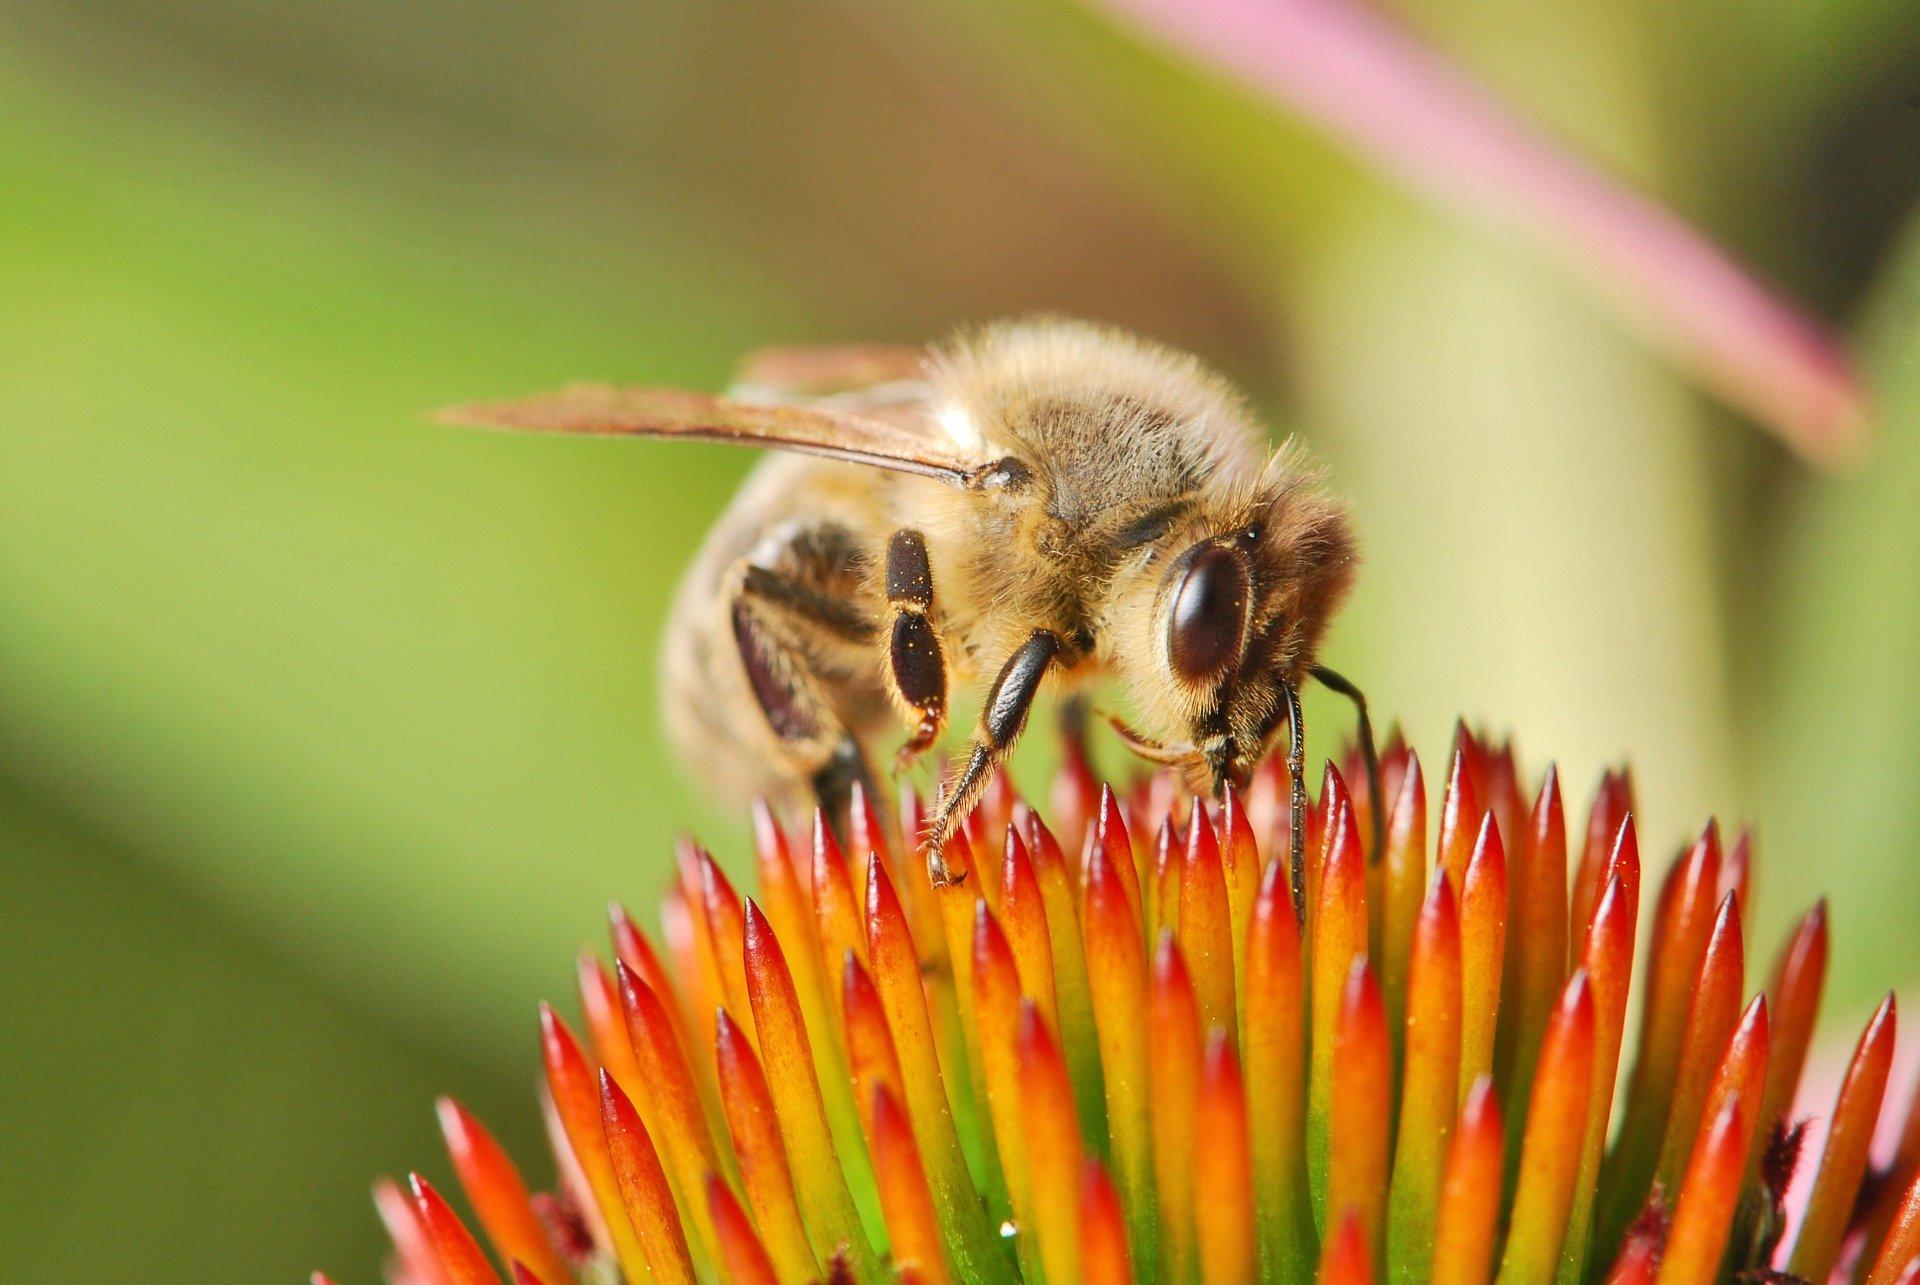 comment faire fuir les abeilles